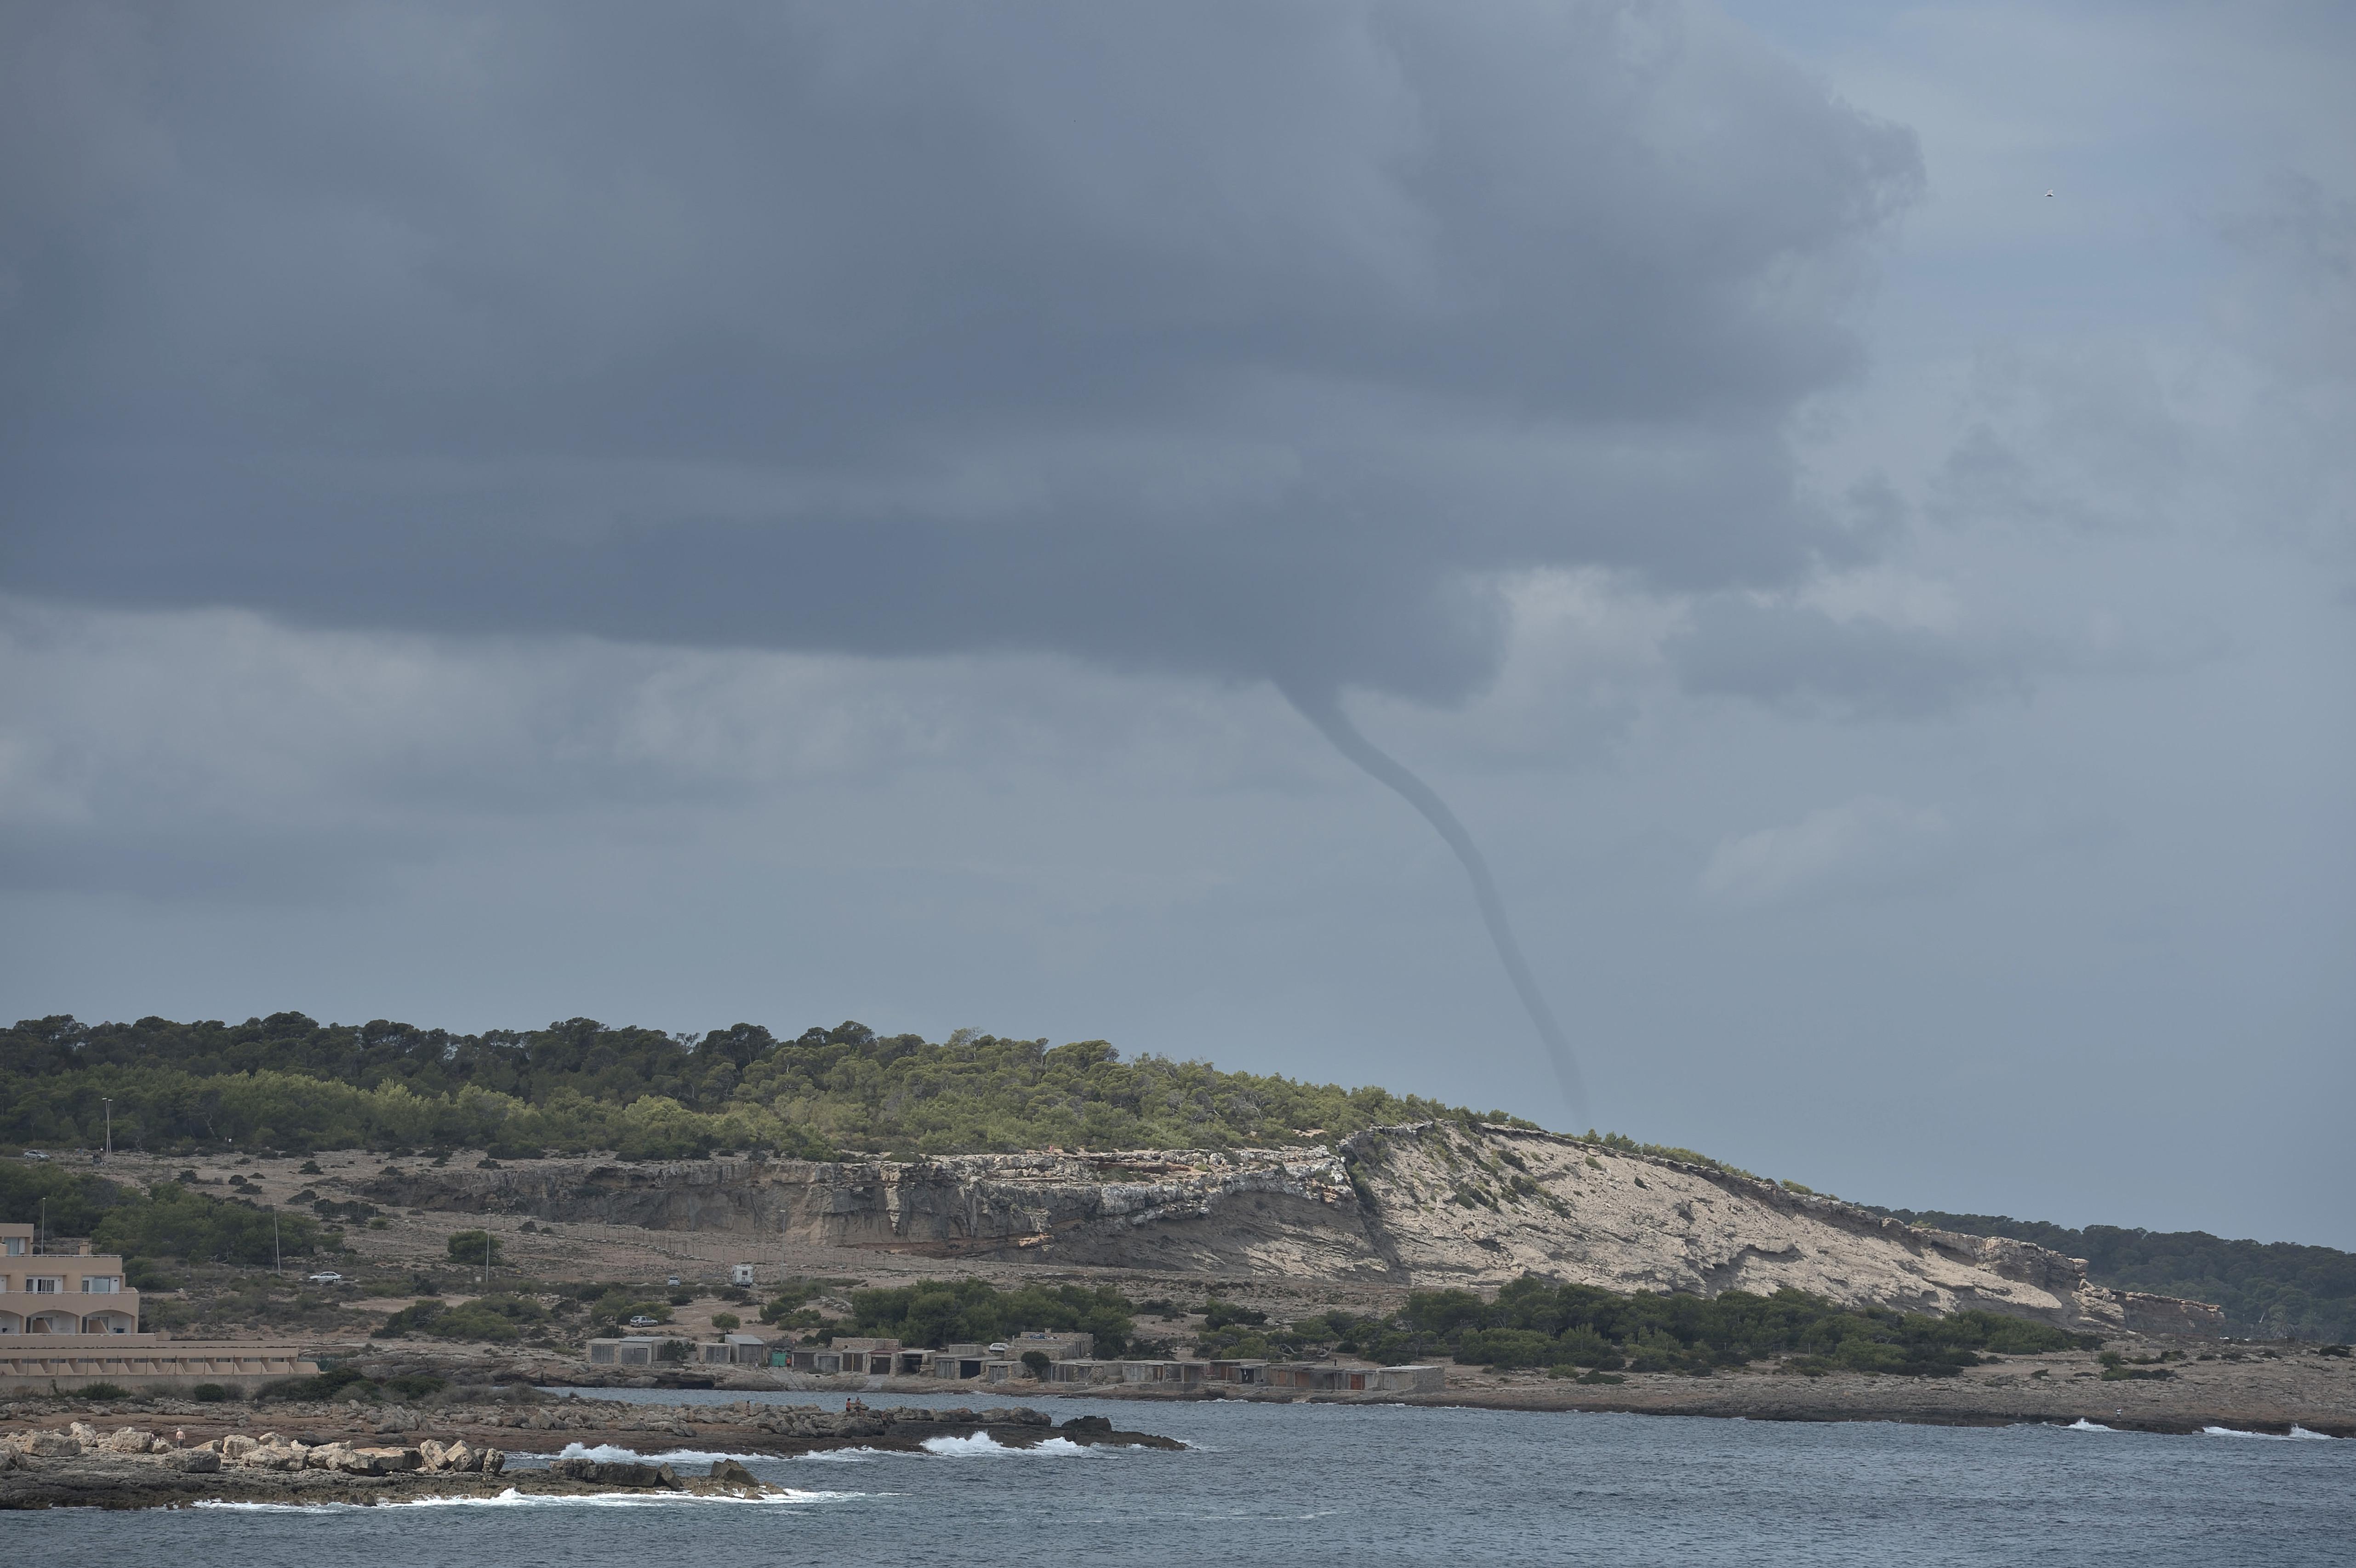 Une tornade aperçue au large de Djerba? Il s'agissait d'une